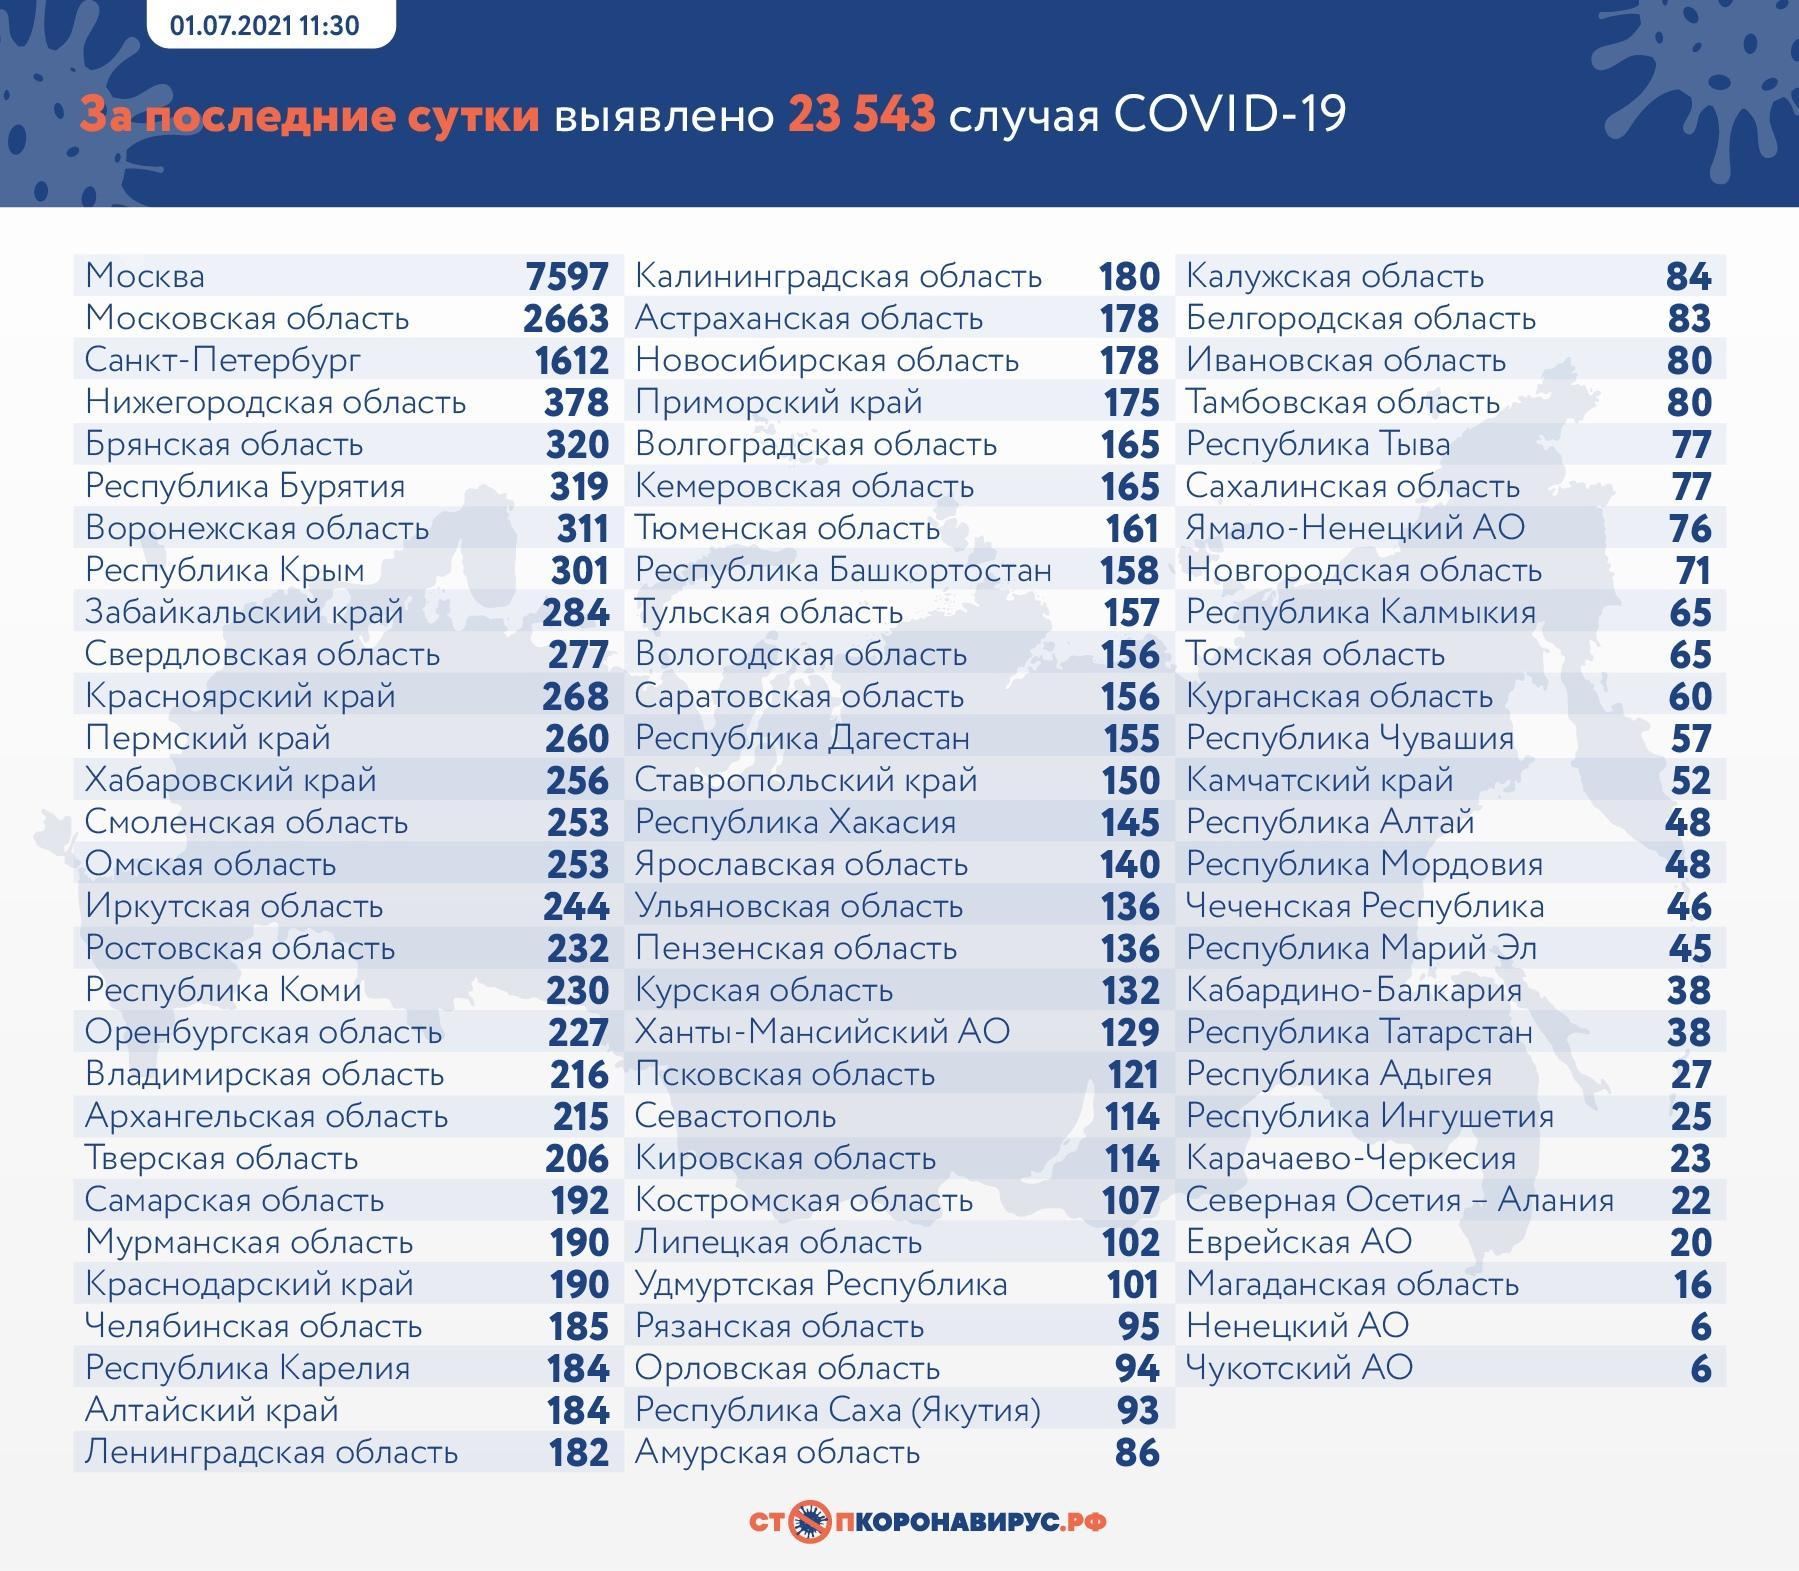 Фото 23 543 случая заражения коронавирусом выявили в России за сутки 2